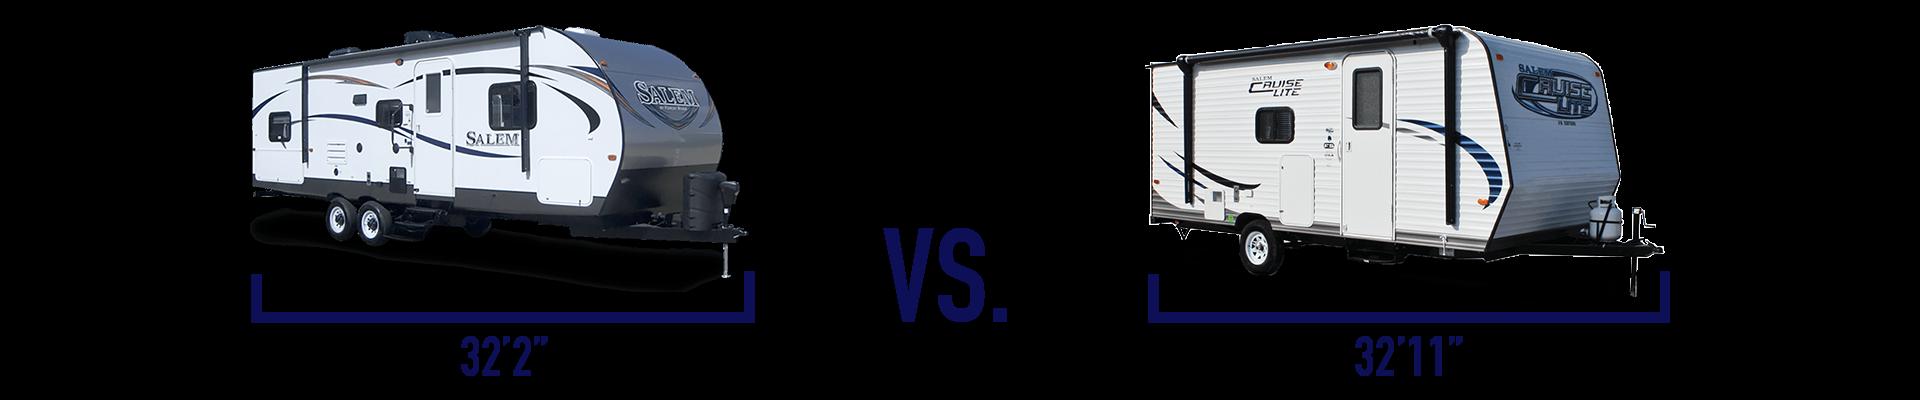 Length comparison of an original vs lite RV